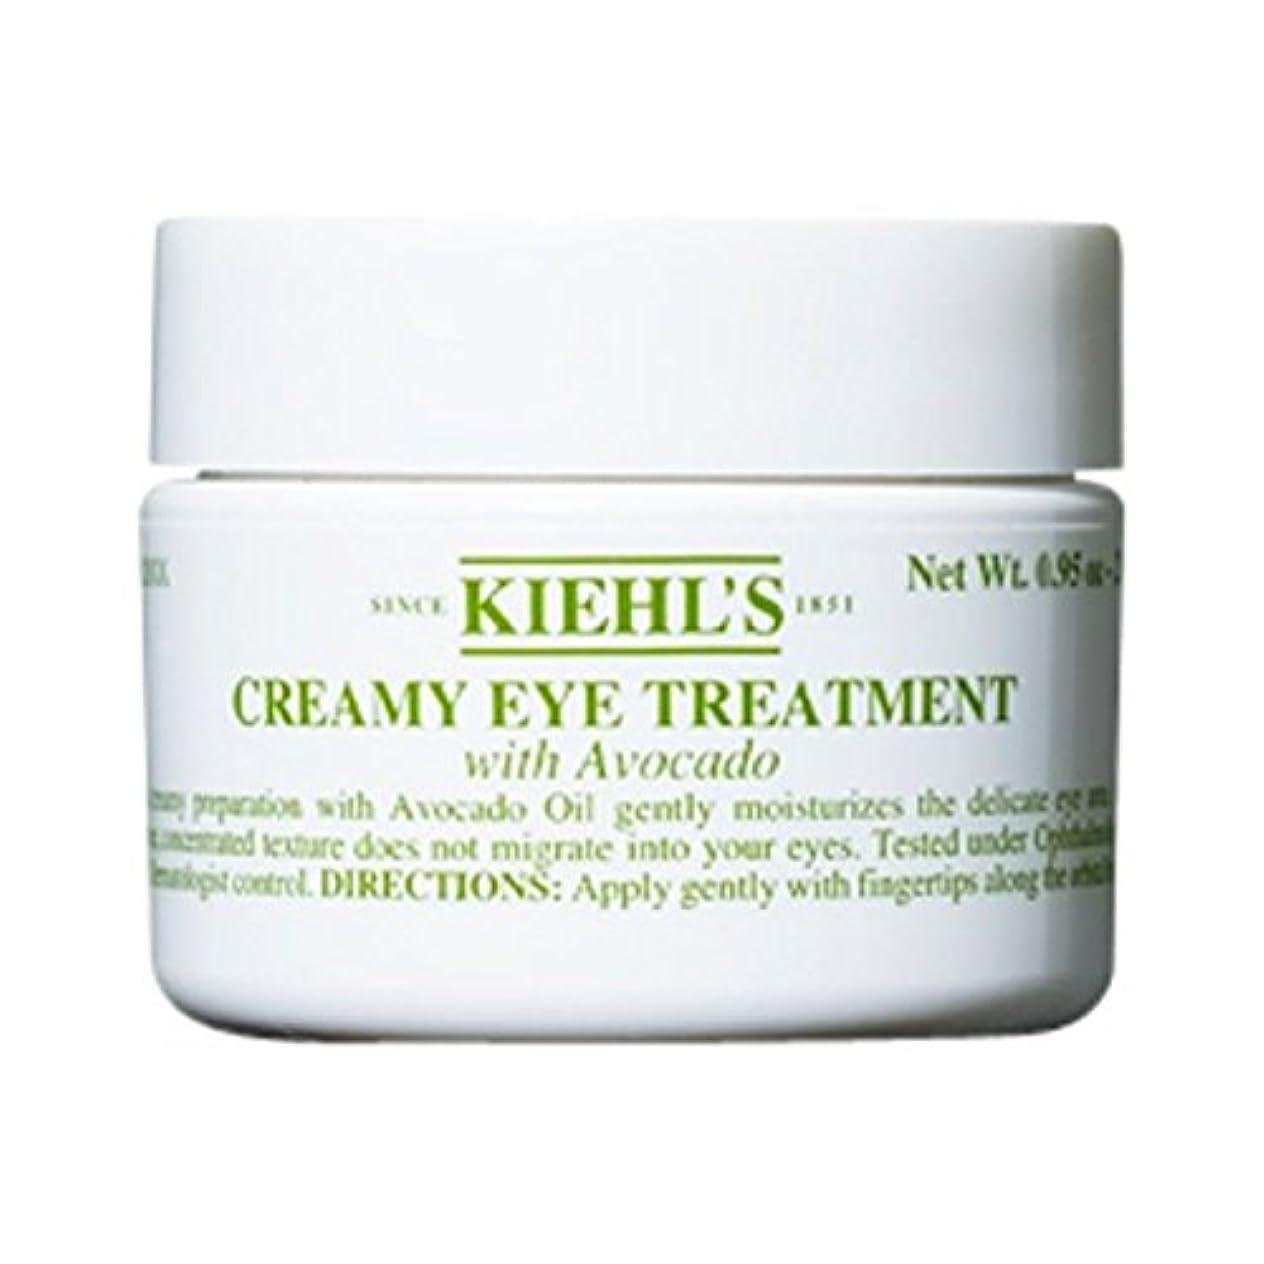 警察署コンセンサスプロジェクター[Kiehl's] アボカドの28グラムとキールズクリーミーアイトリートメント - Kiehl's Creamy Eye Treatment With Avocado 28g [並行輸入品]